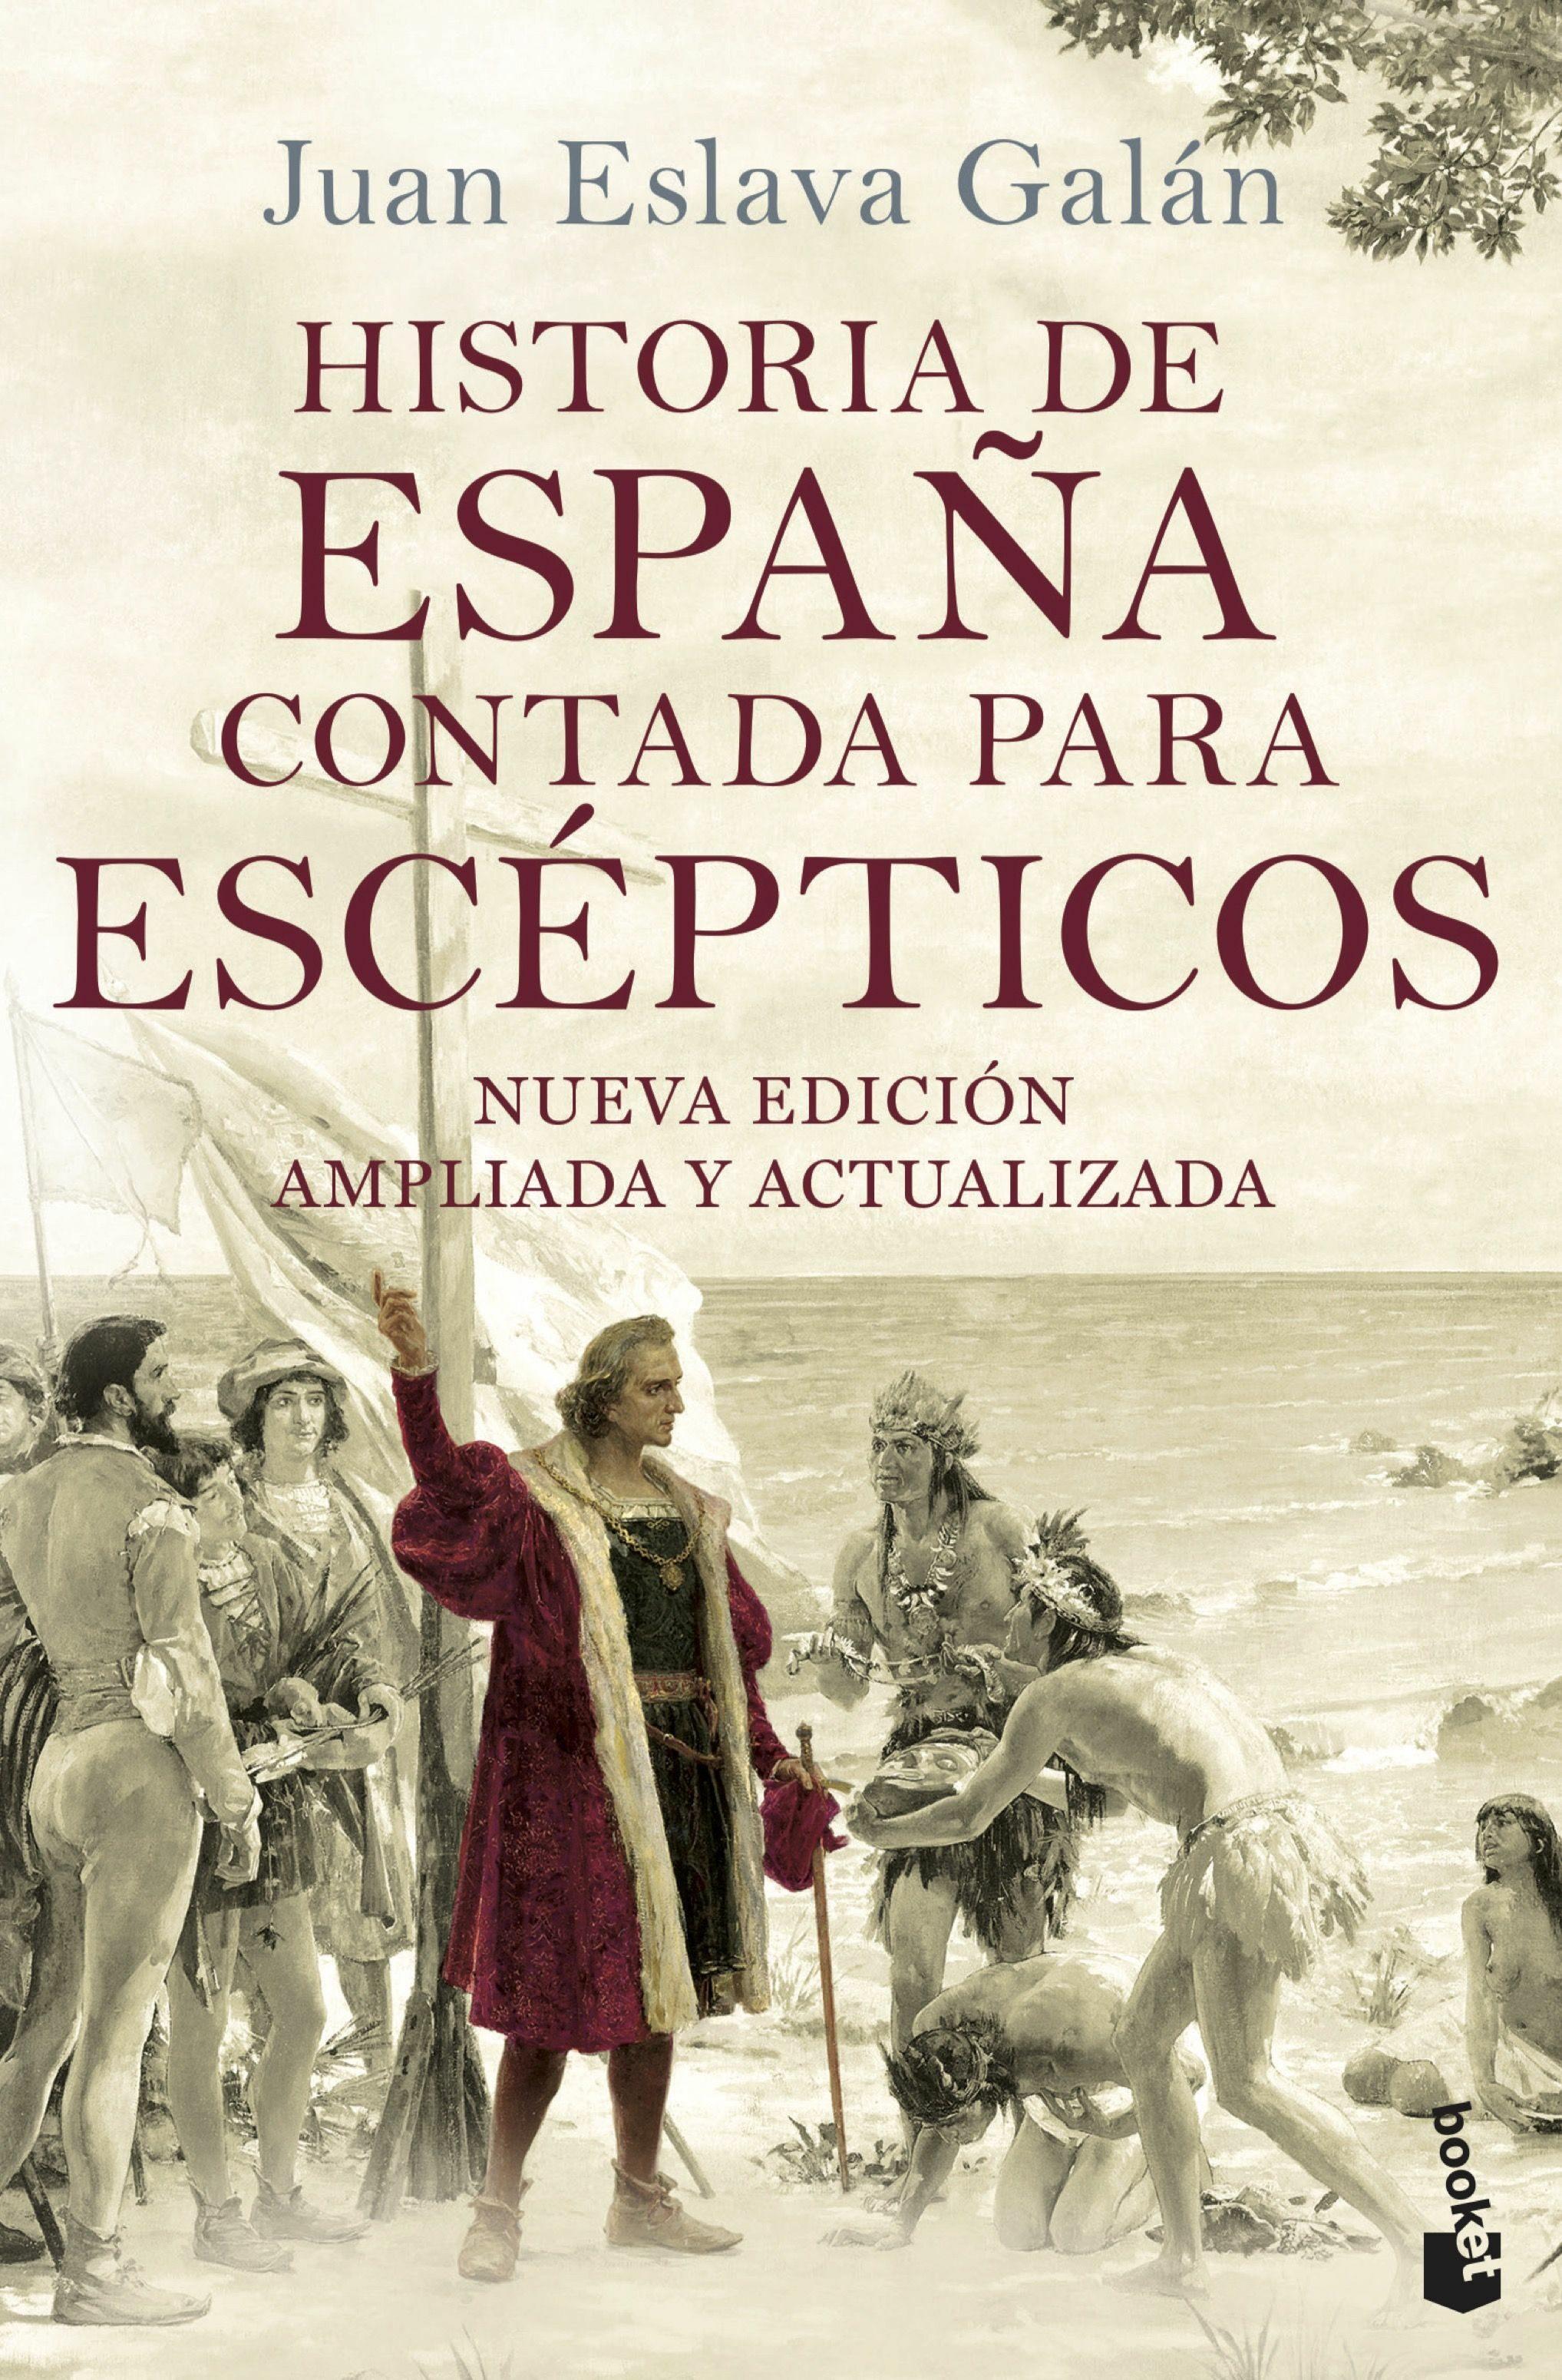 Historia De España Contada Para Escepticos por Juan Eslava Galan